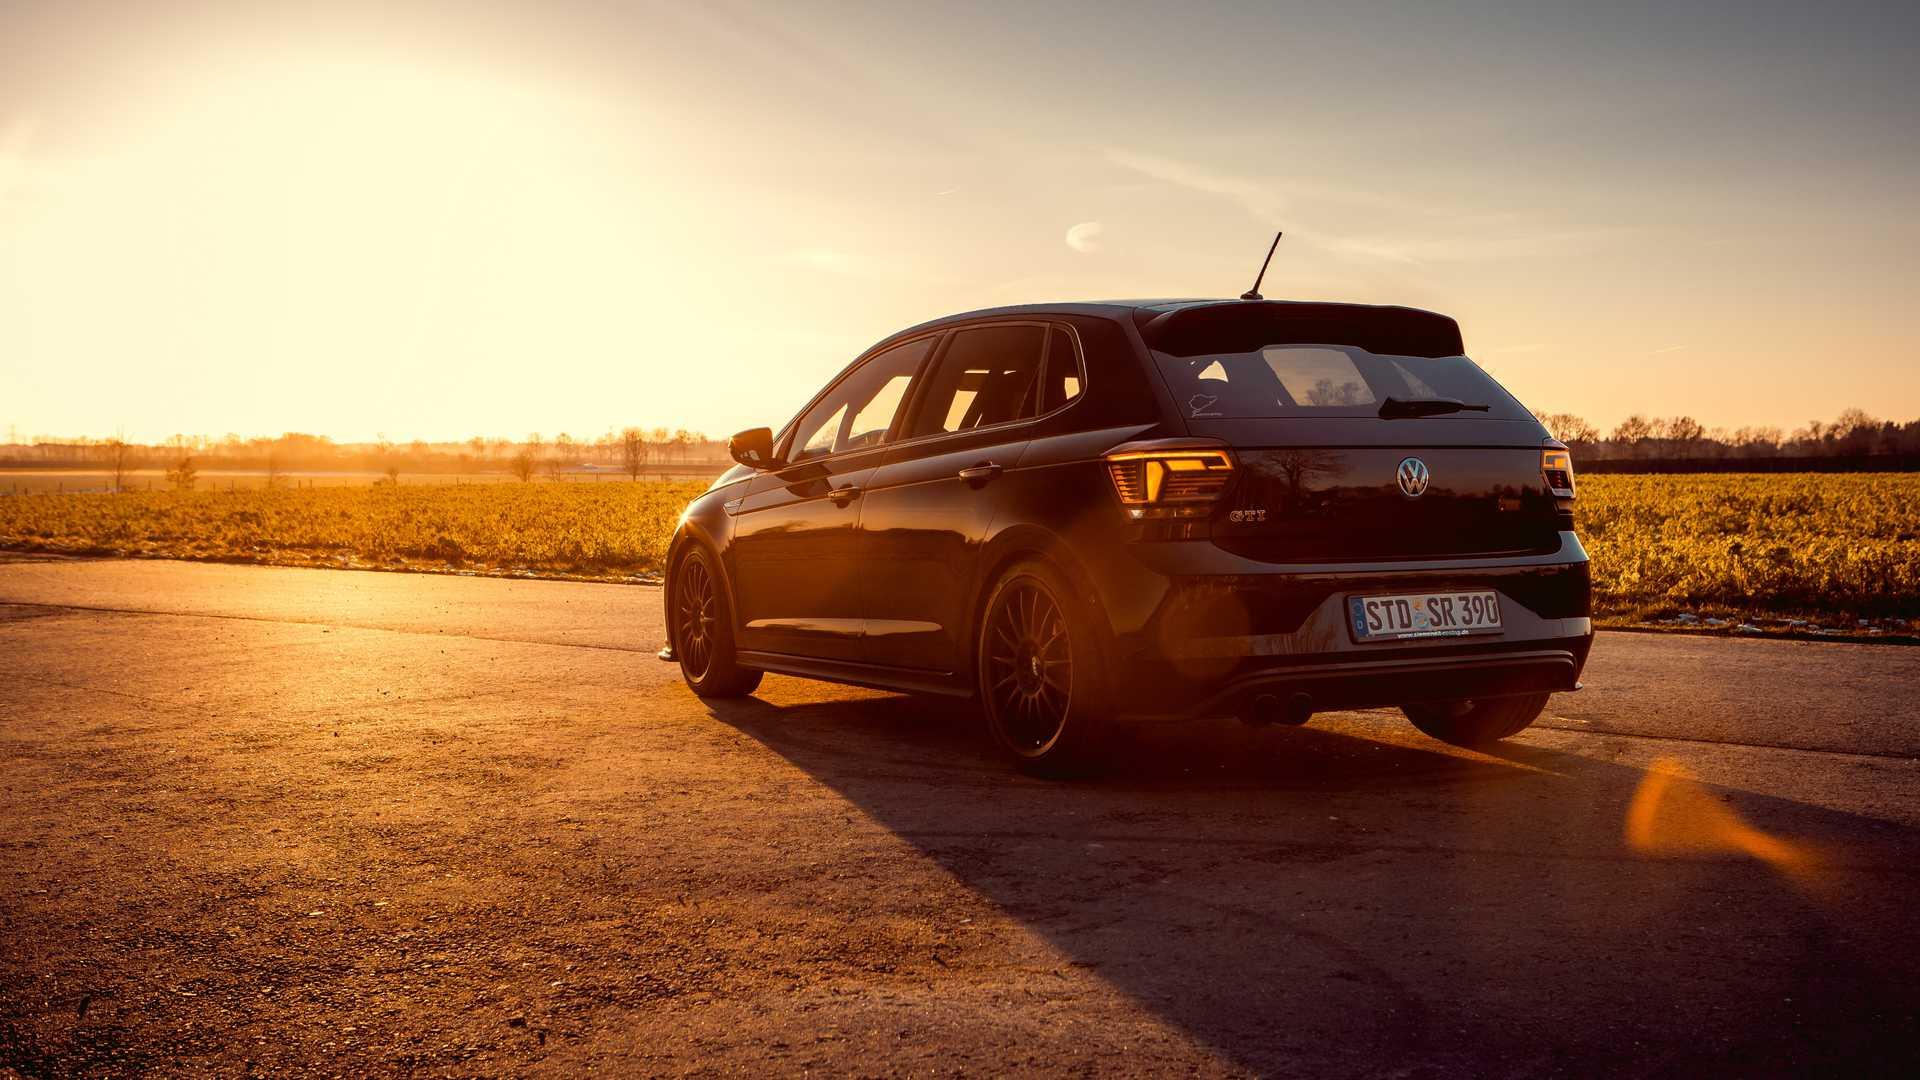 Volkswagen-Polo-GTI-by-Siemoneit-Racing-4